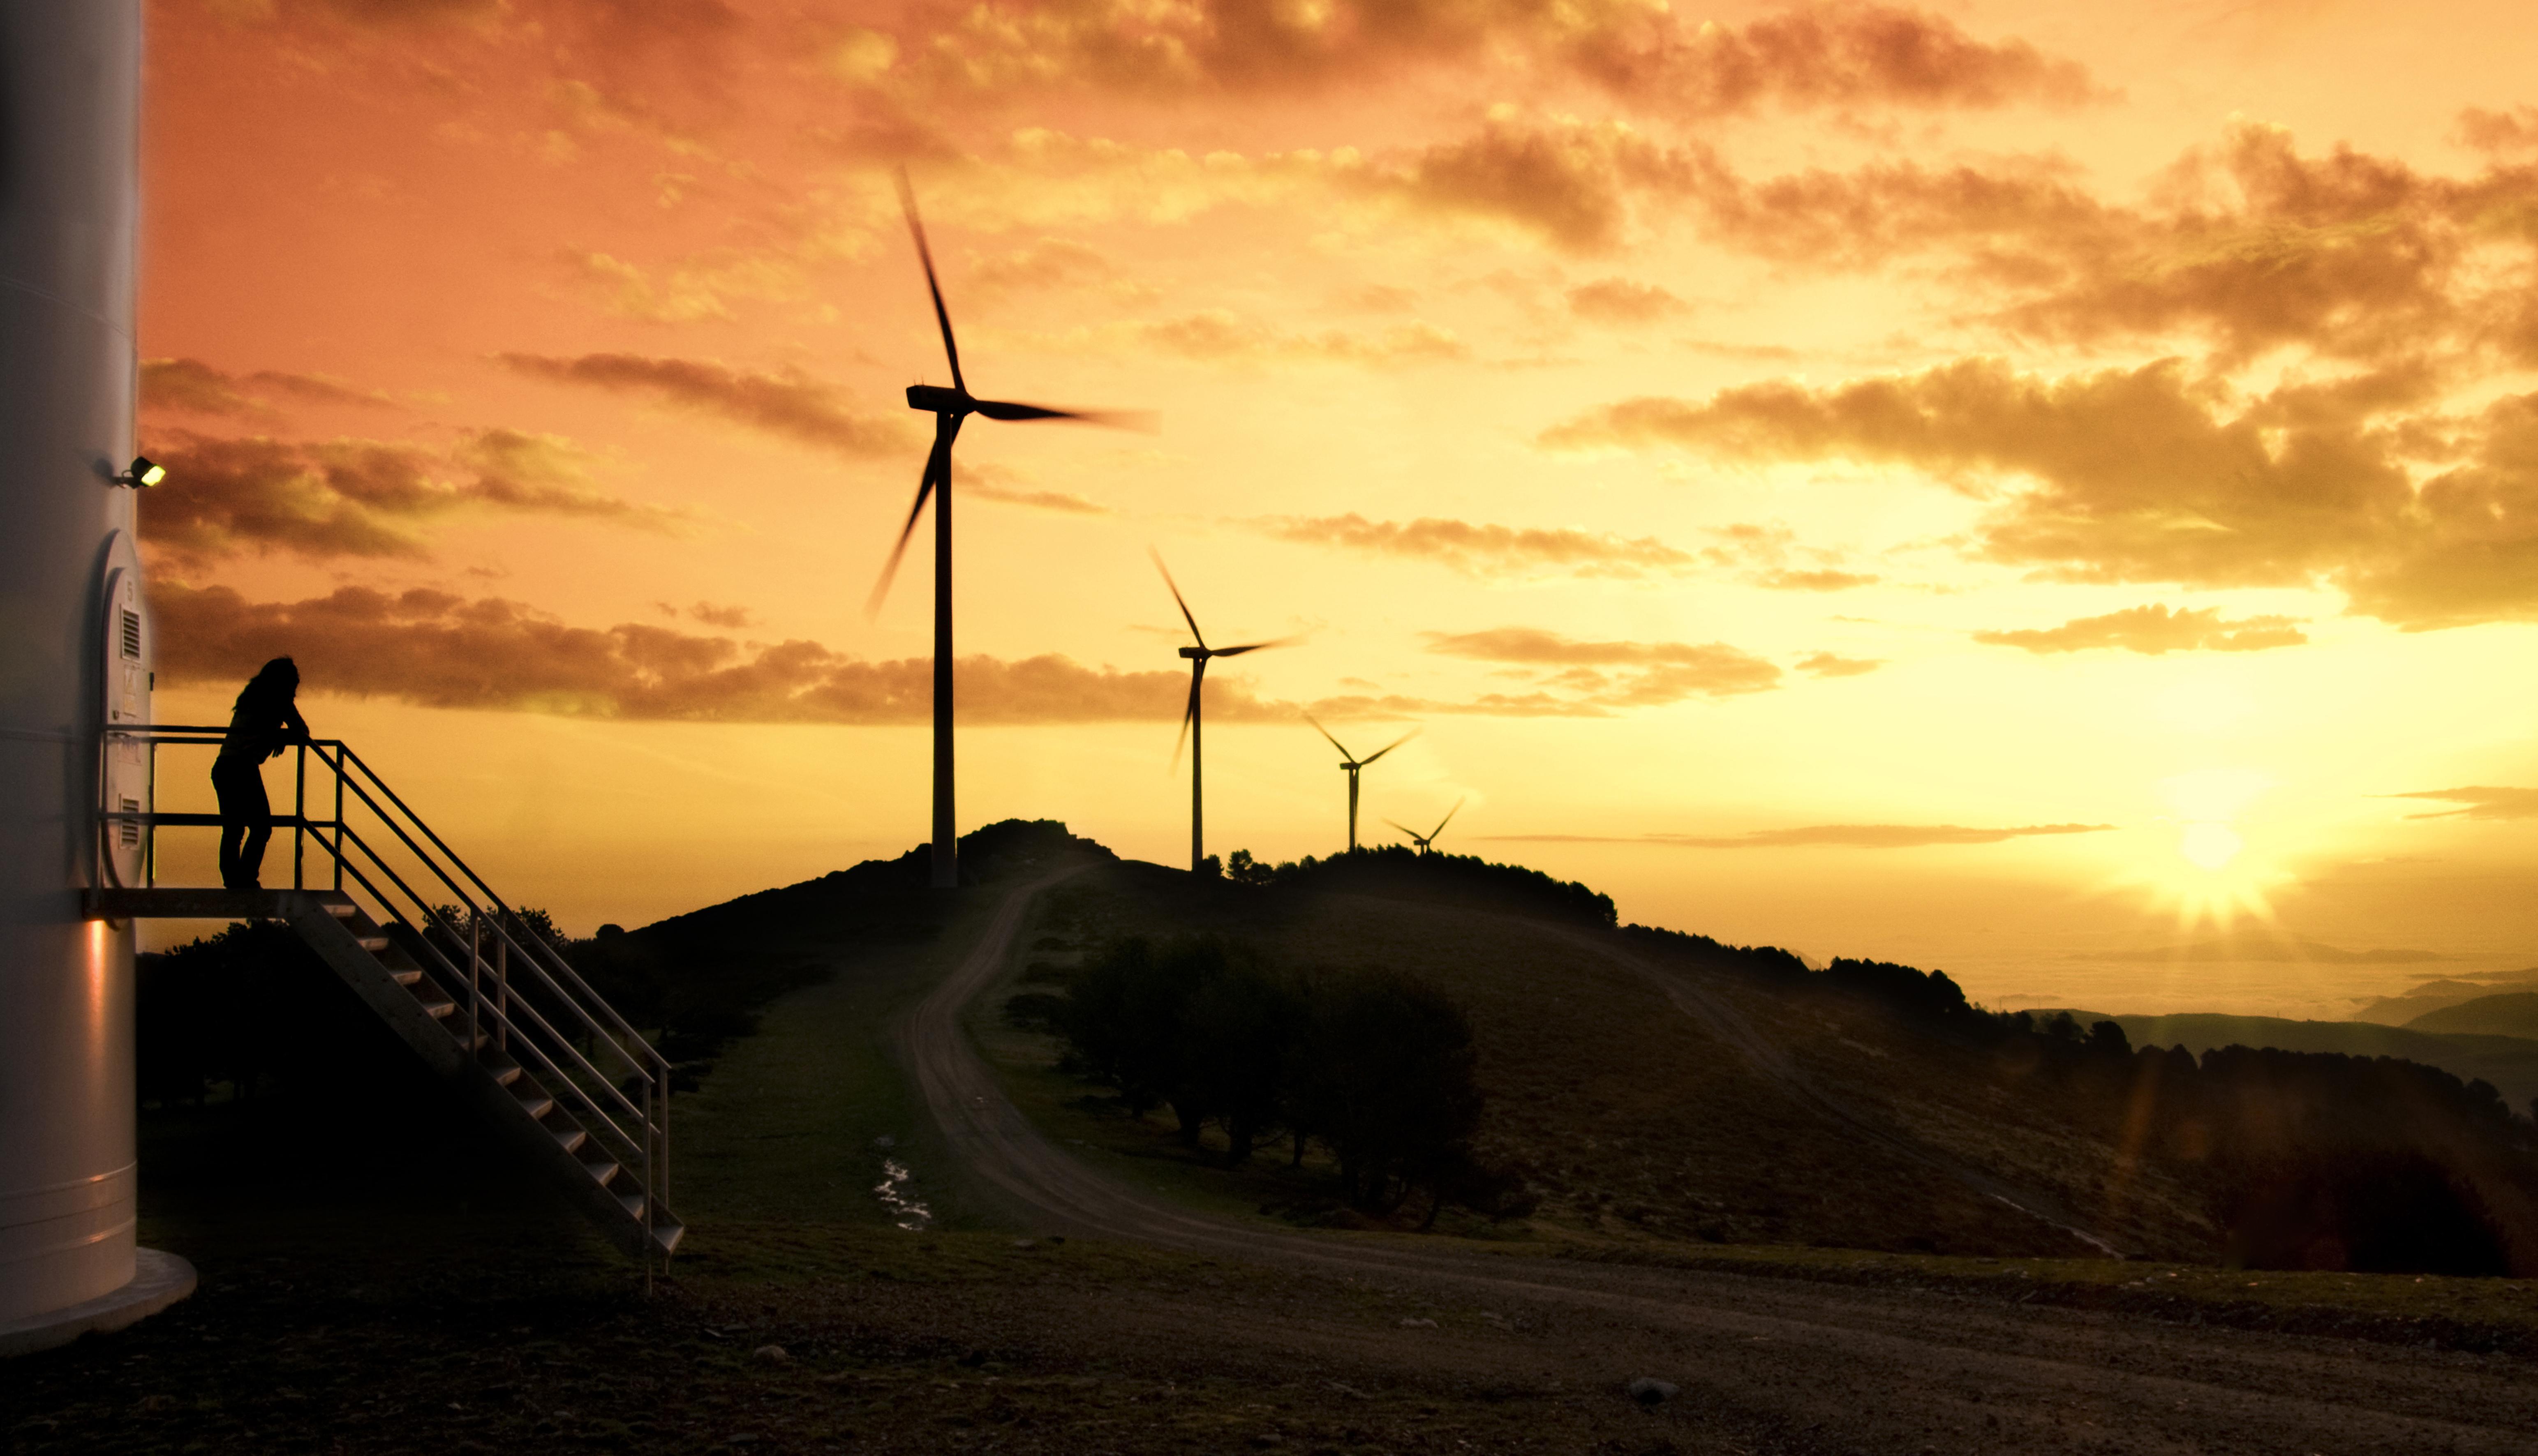 Energías renovables y eólica en Murcia: nuevo parque eólico de Iberdrola con 11 aerogeneradores de Gamesa